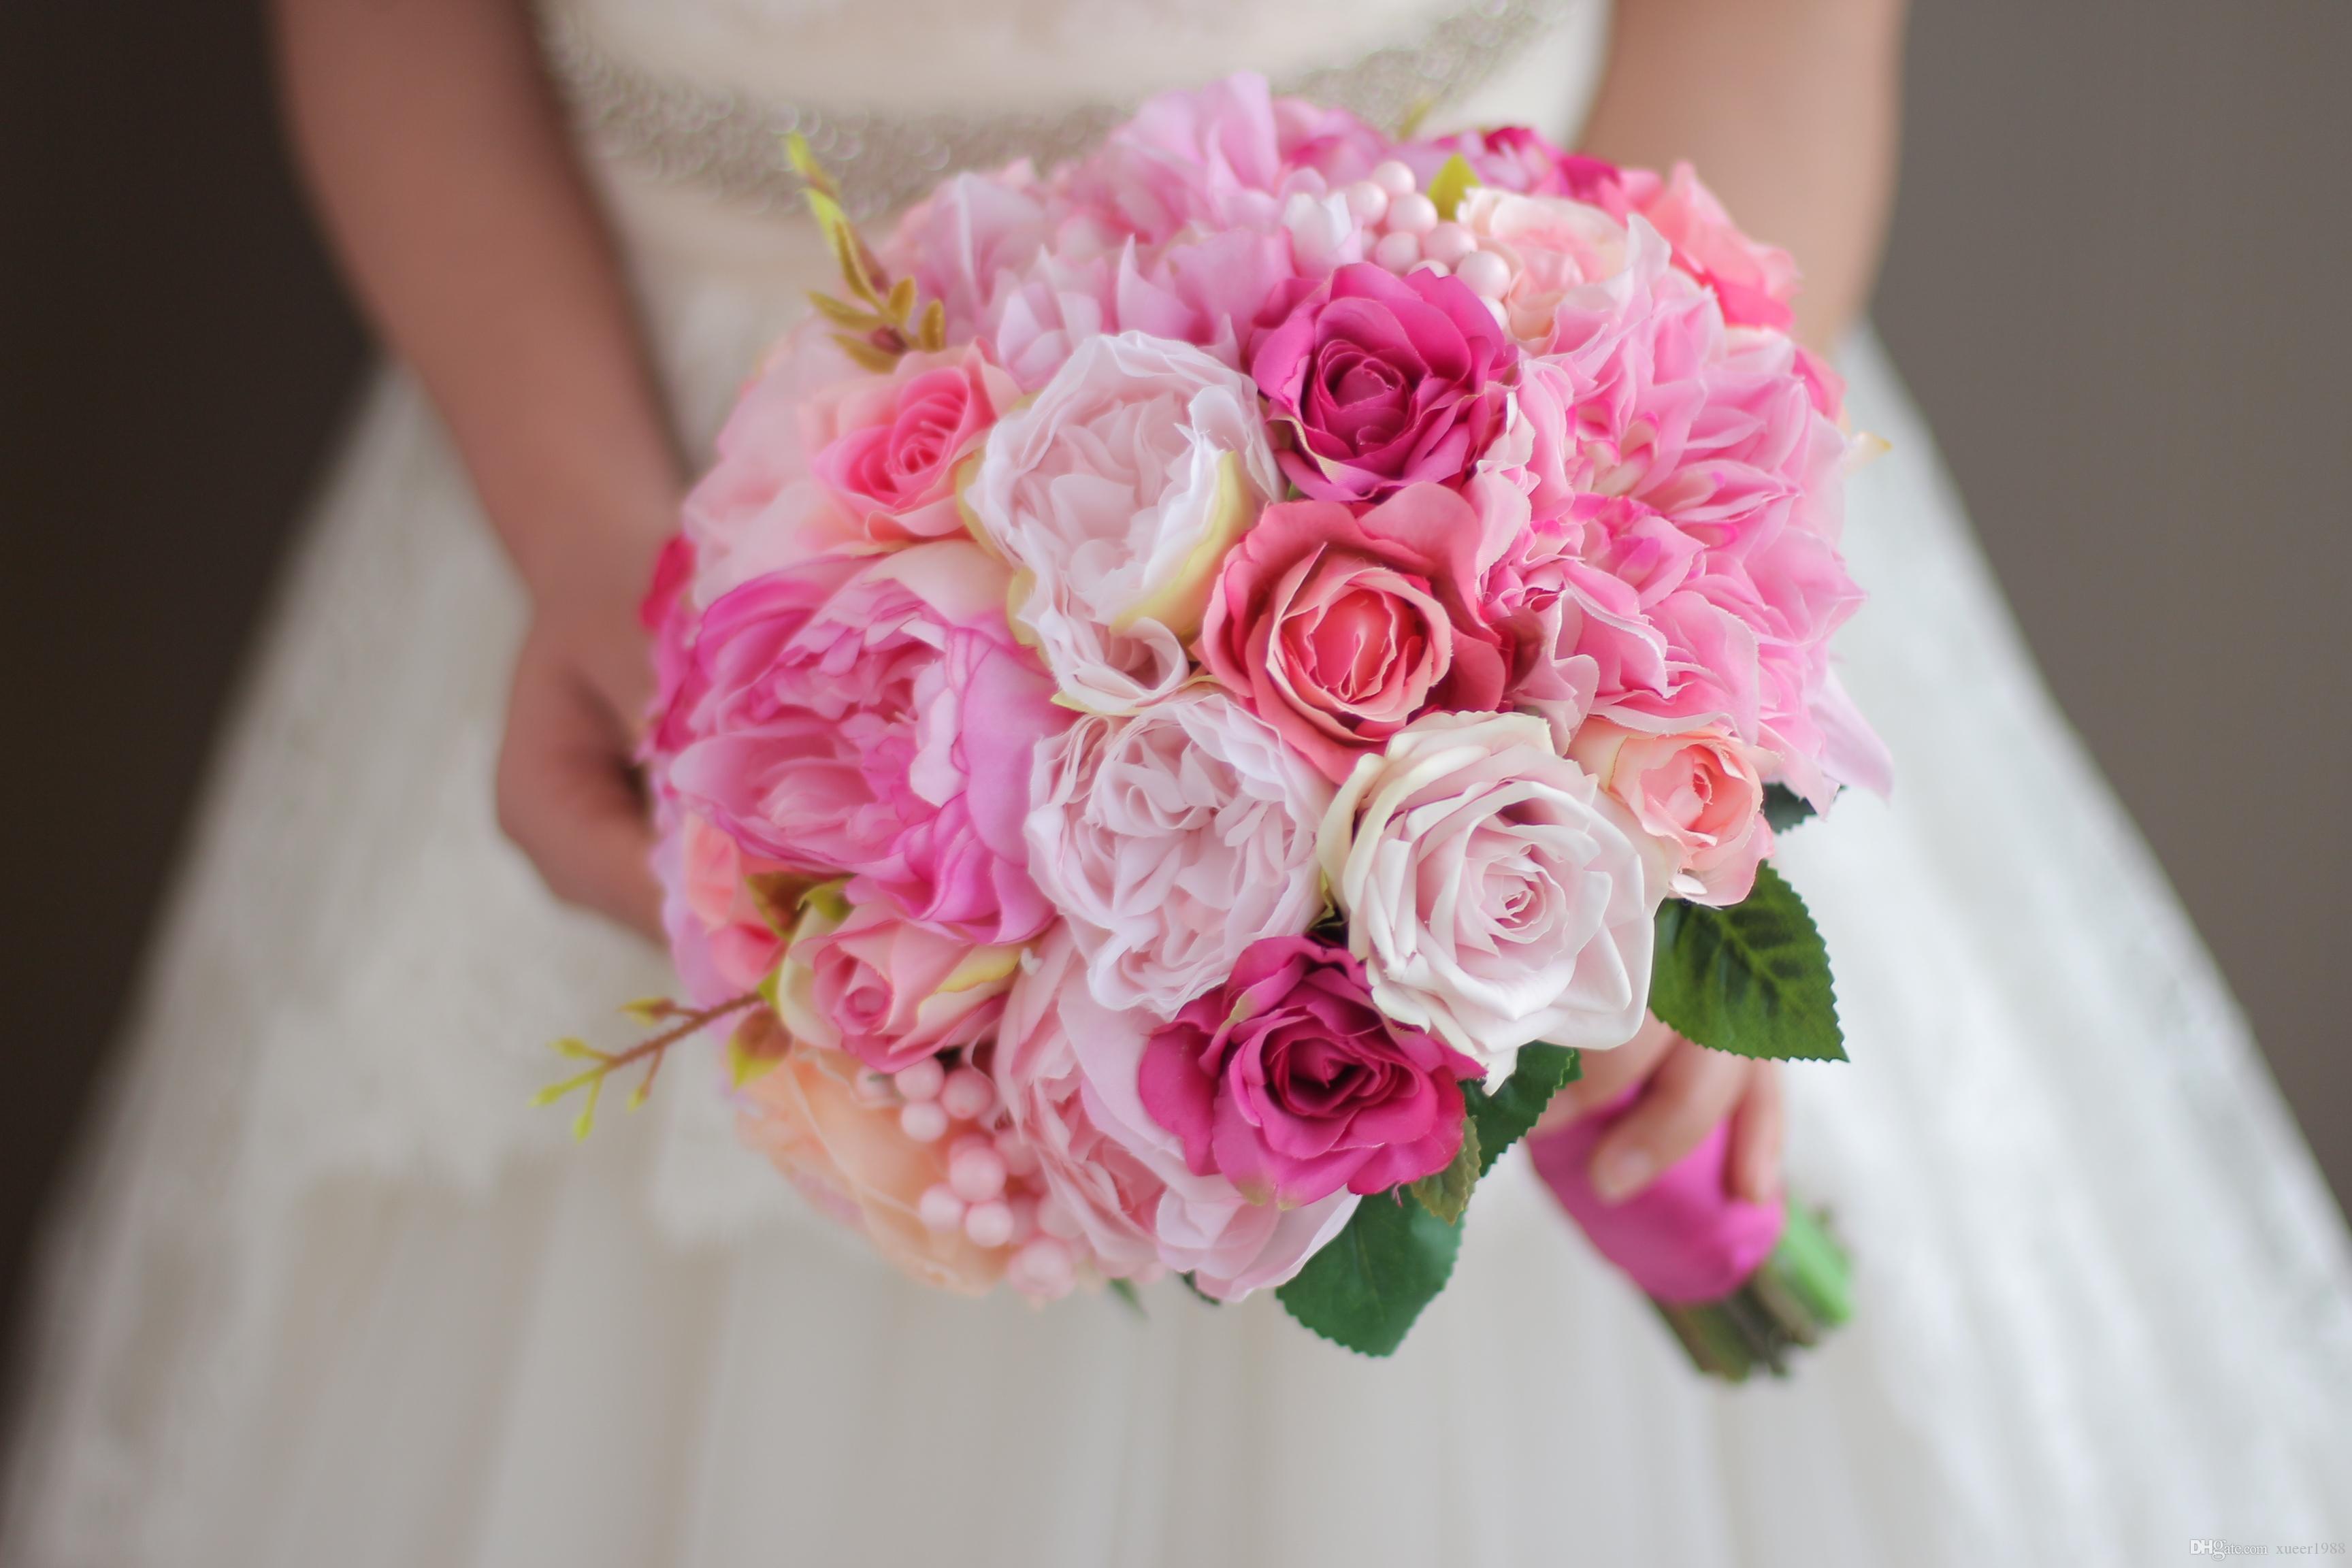 Iffo Deep Powder Pink Orange Wedding Bouquet Bride Hand Holding